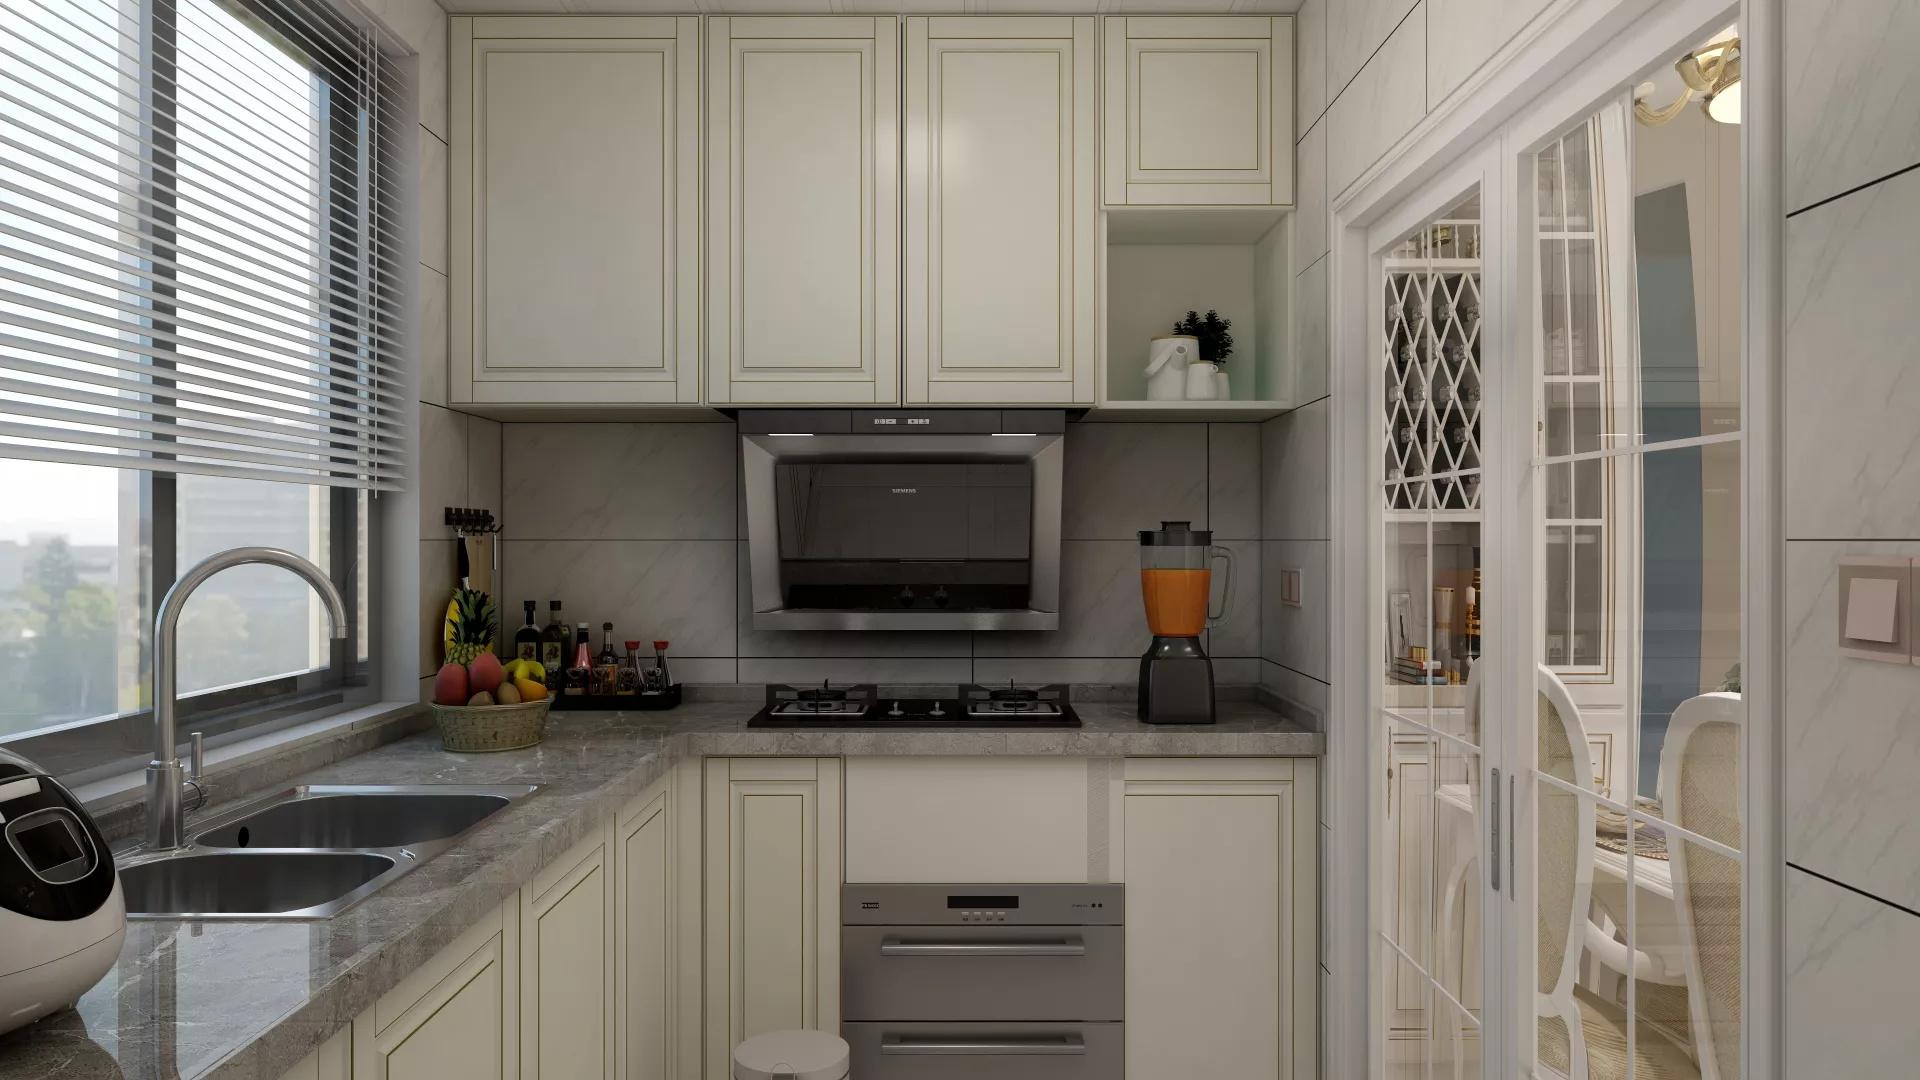 120㎡美式混搭风格家居装修布置效果图